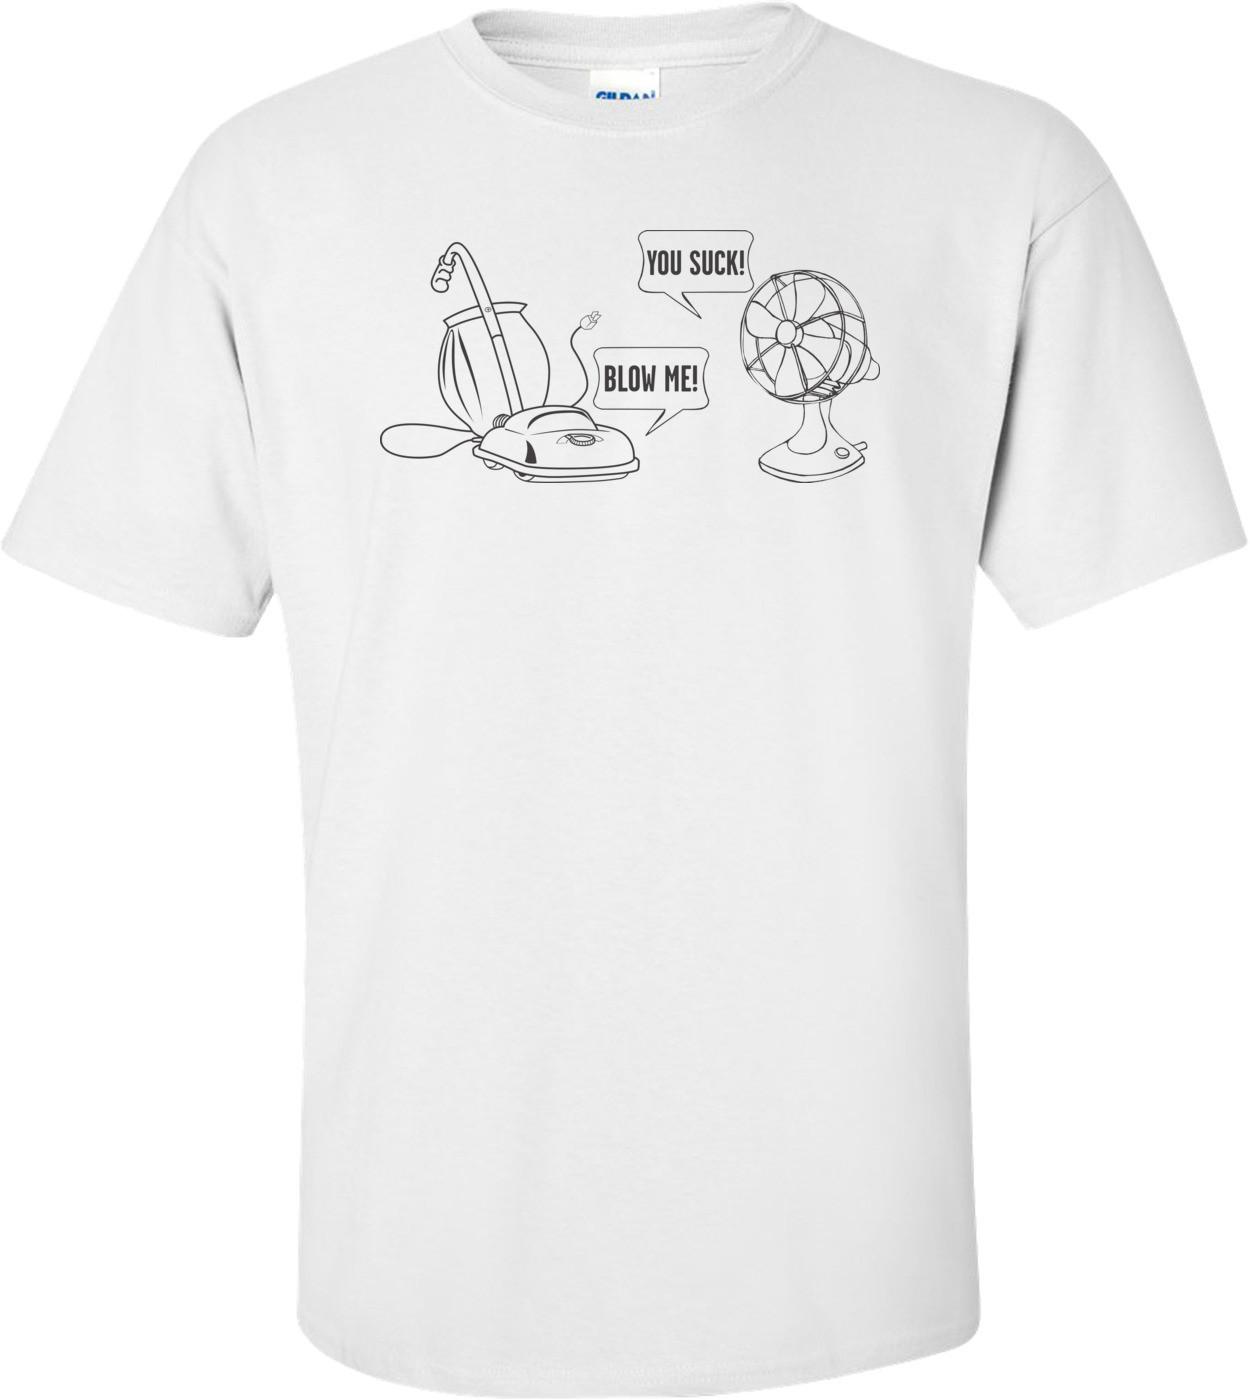 You Suck, Blow Me T-shirt